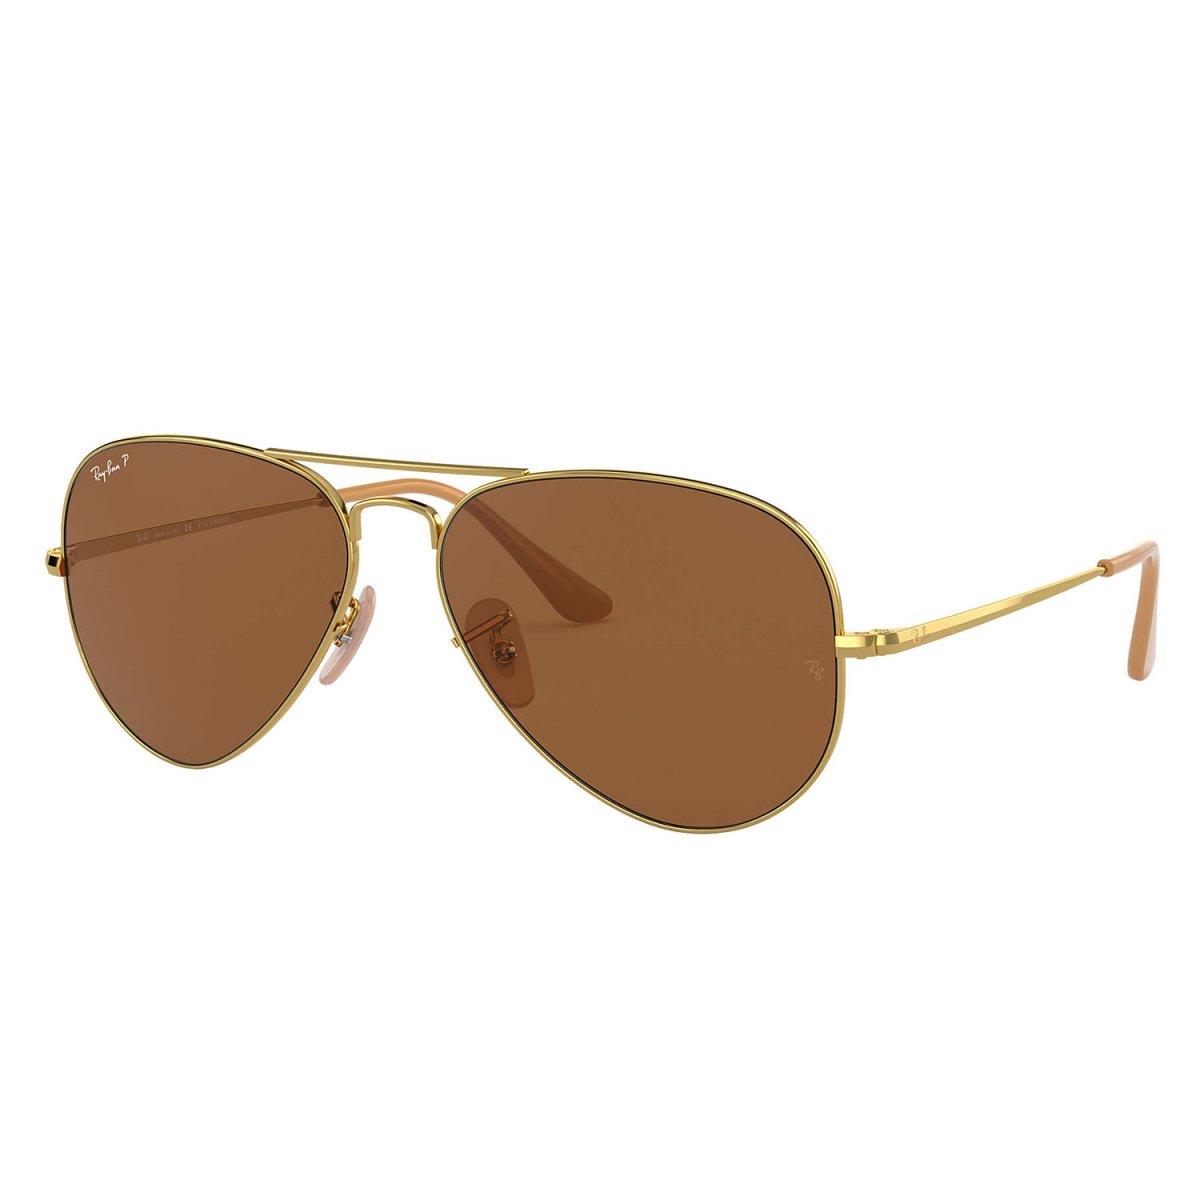 83e621634 Óculos de Sol Feminino Ray Ban | Óculos de Sol Ray Ban RB3689-906447 58